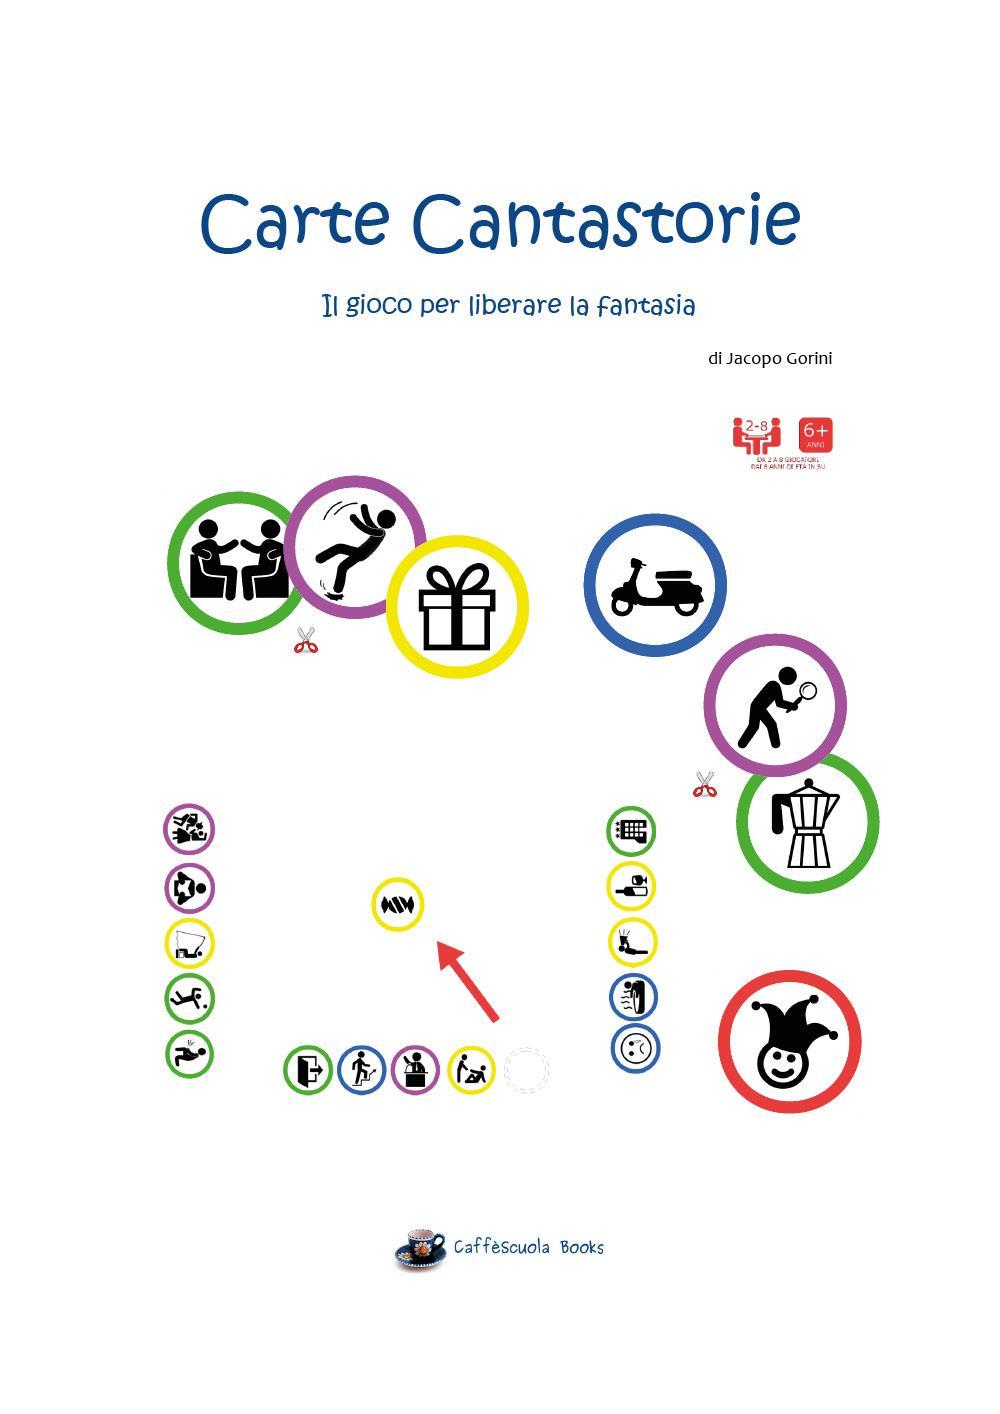 Carte Cantastorie - Il gioco per liberare la fantasia